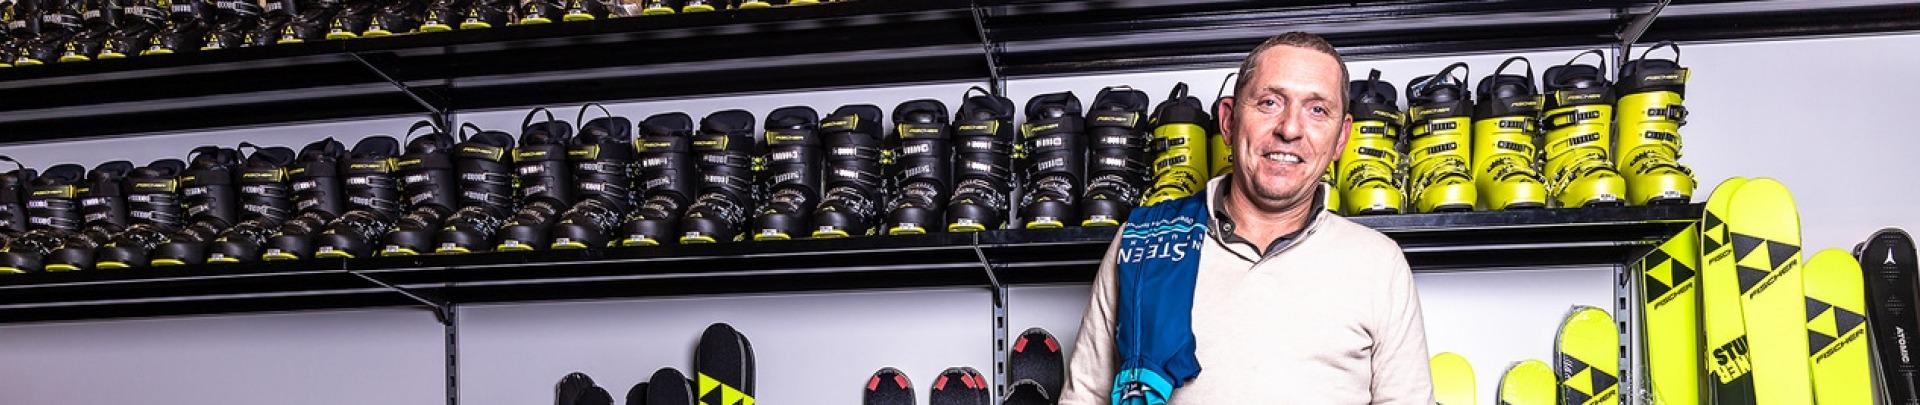 Een man voor een rek met skischoenen